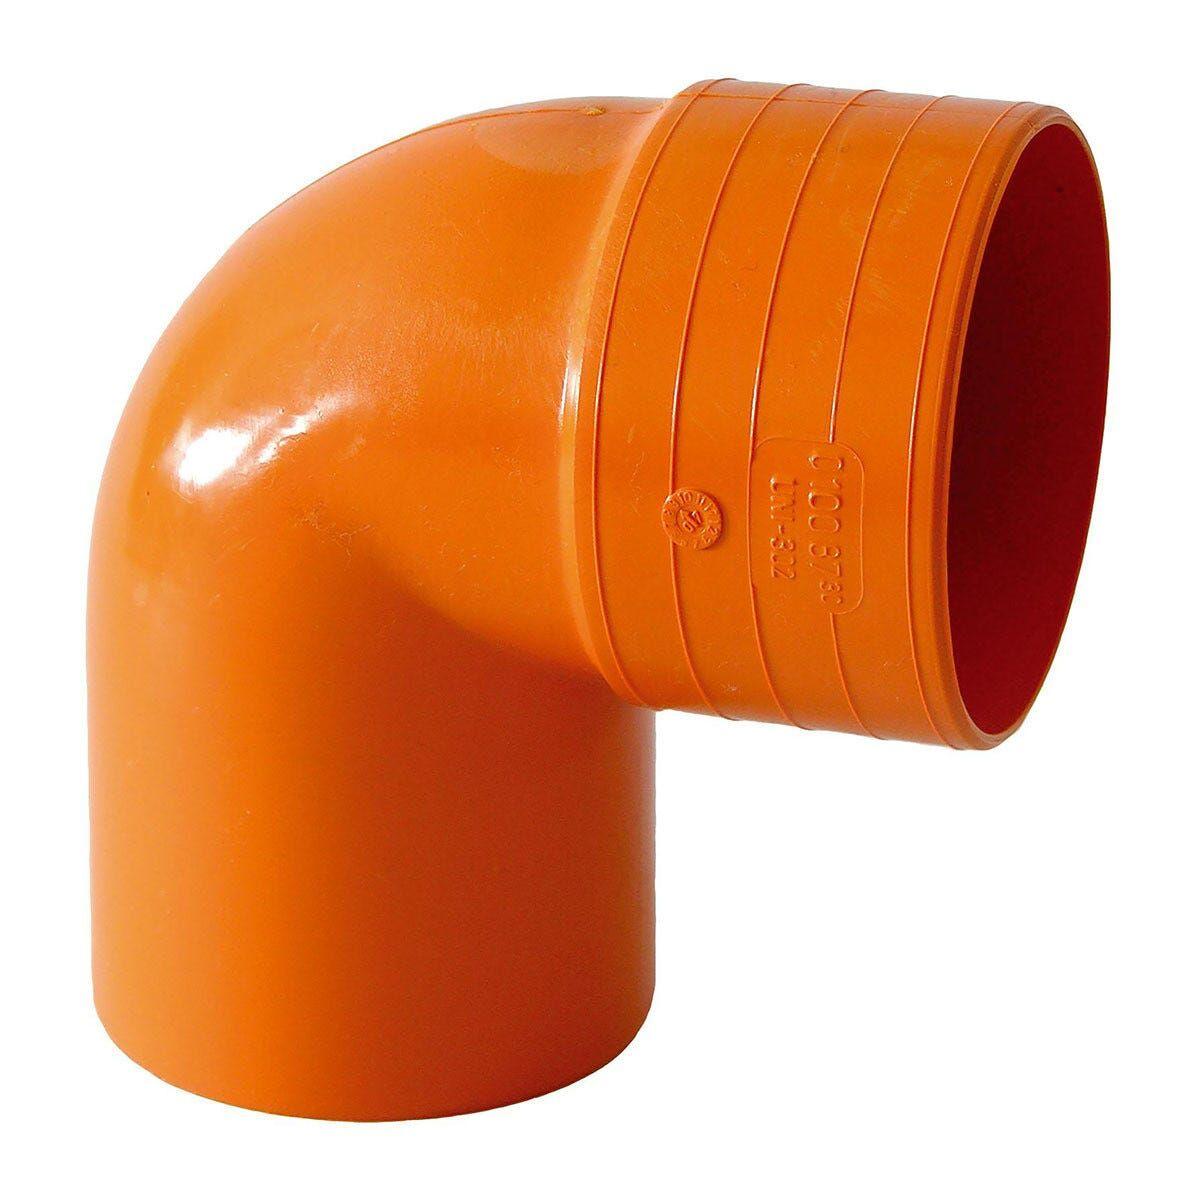 curva 87° Ø 125 mm pvc arancio